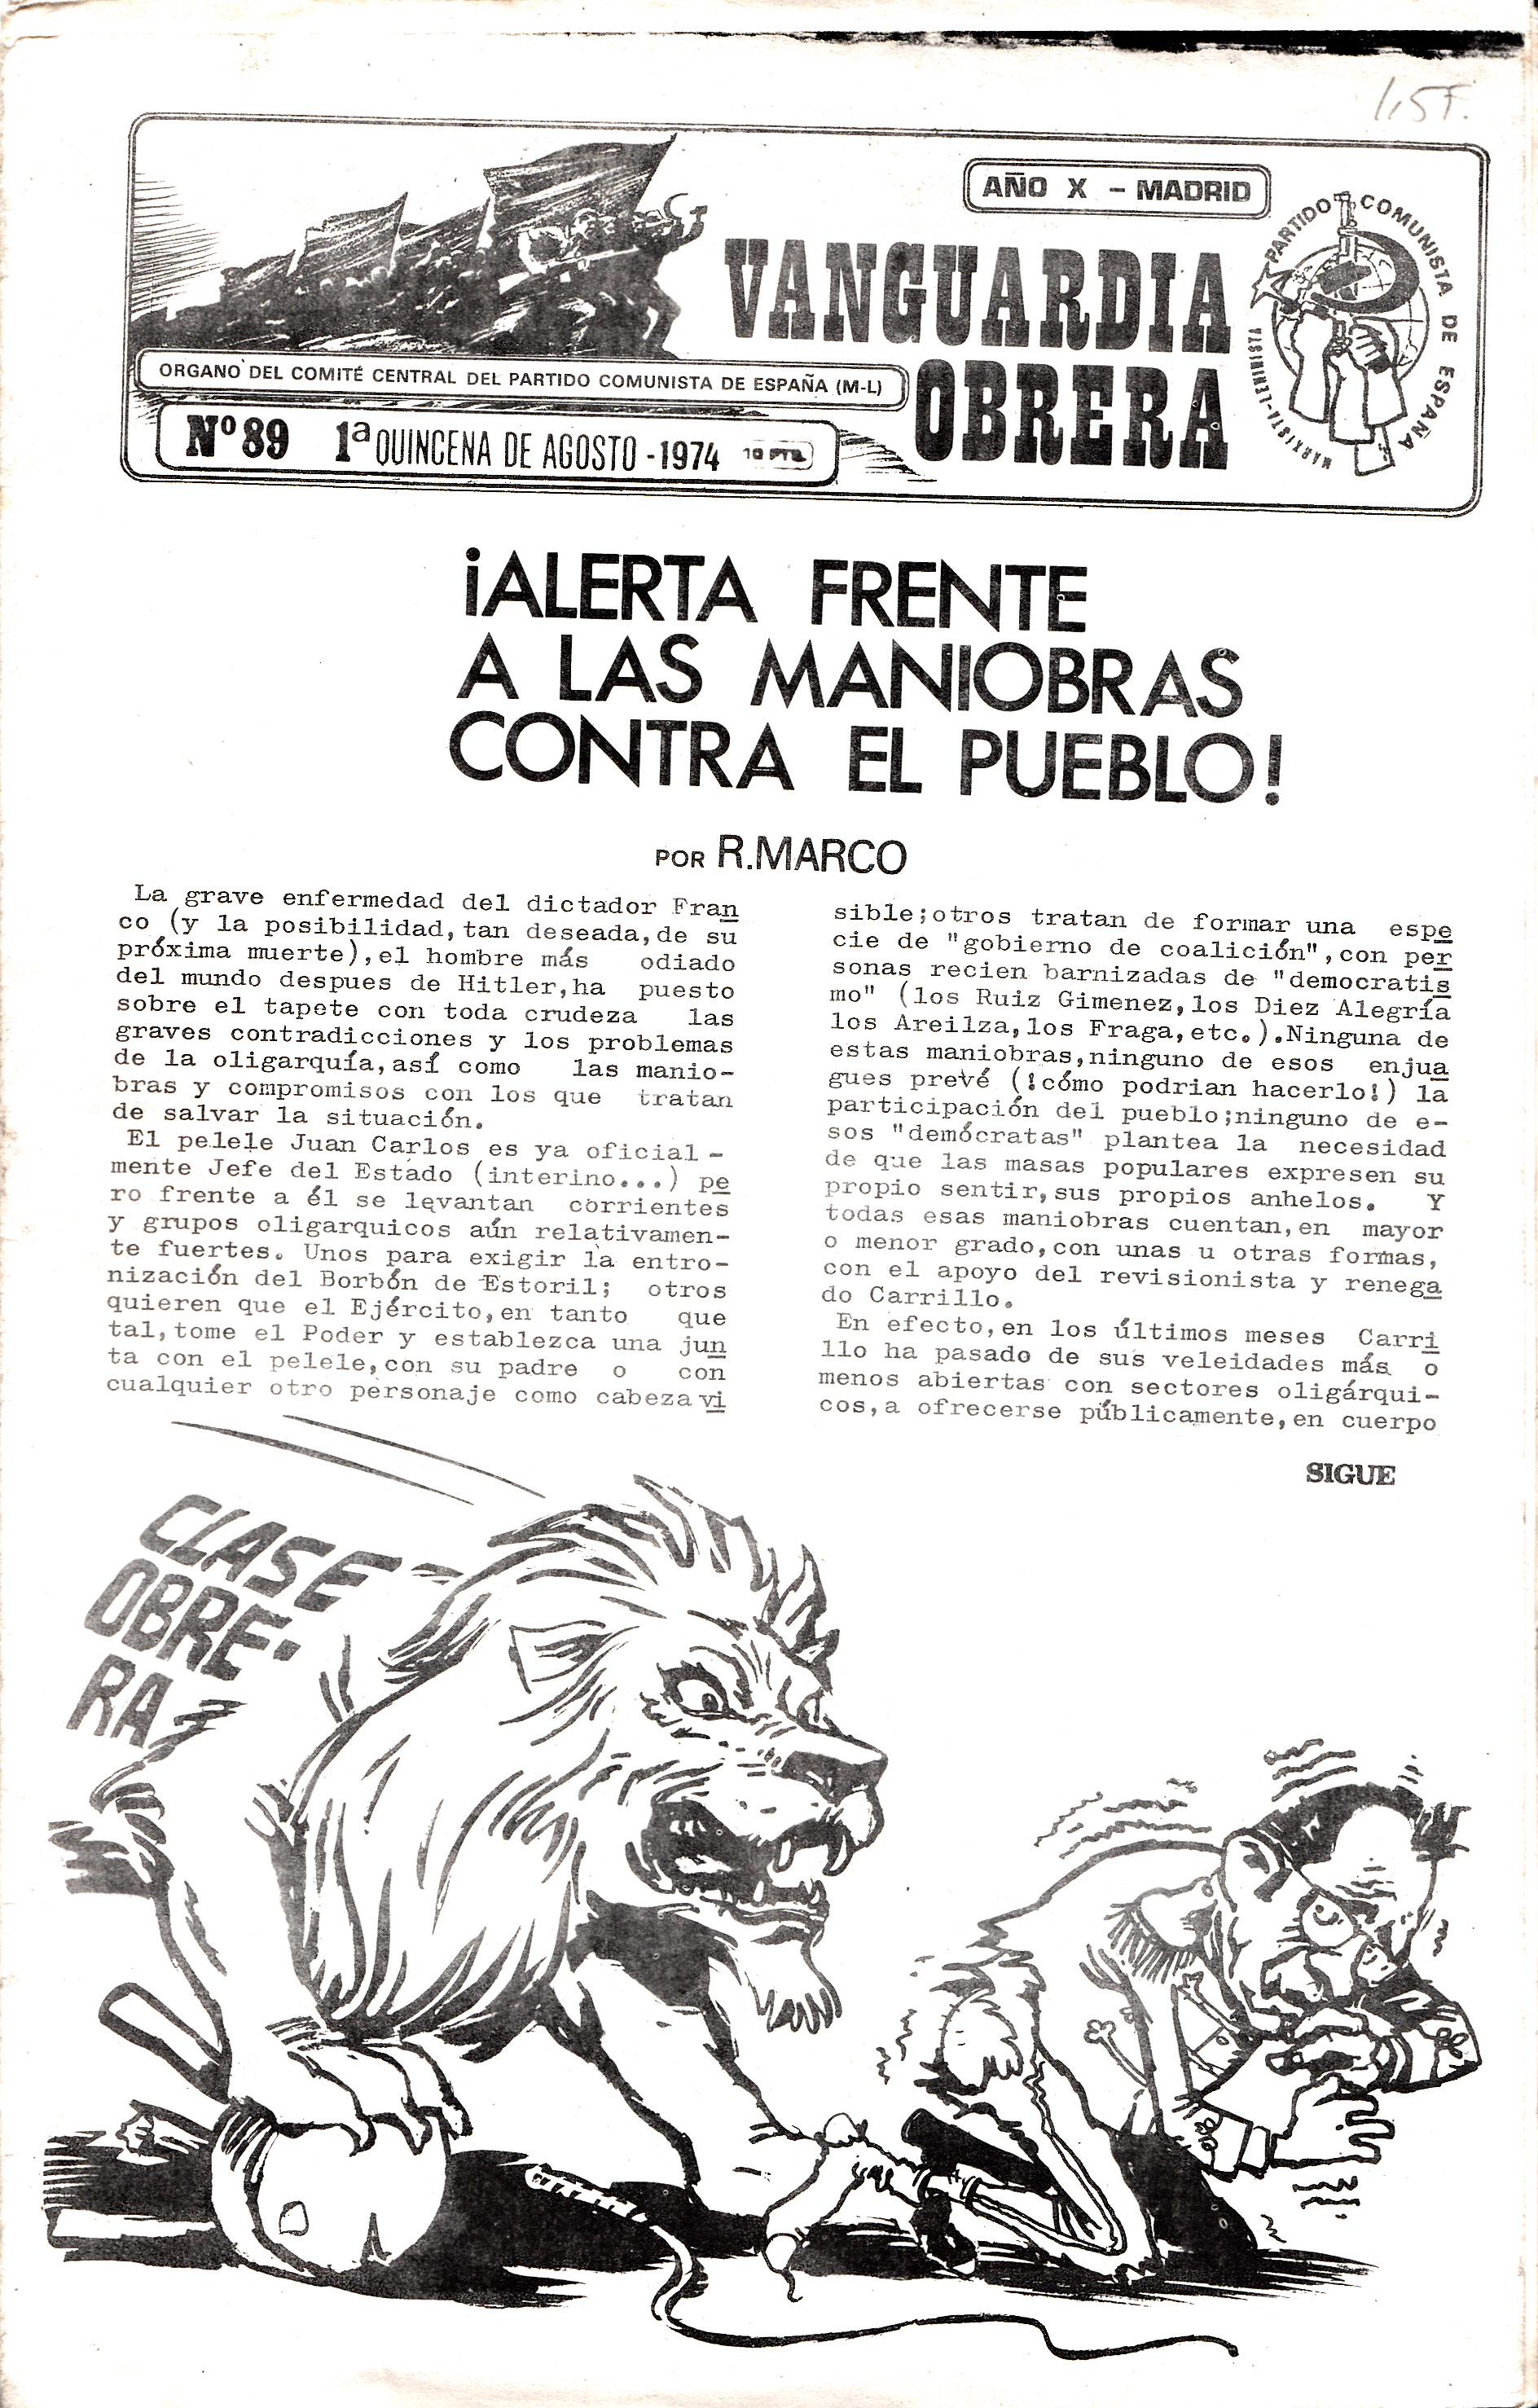 Vanguardia_Obrera_89